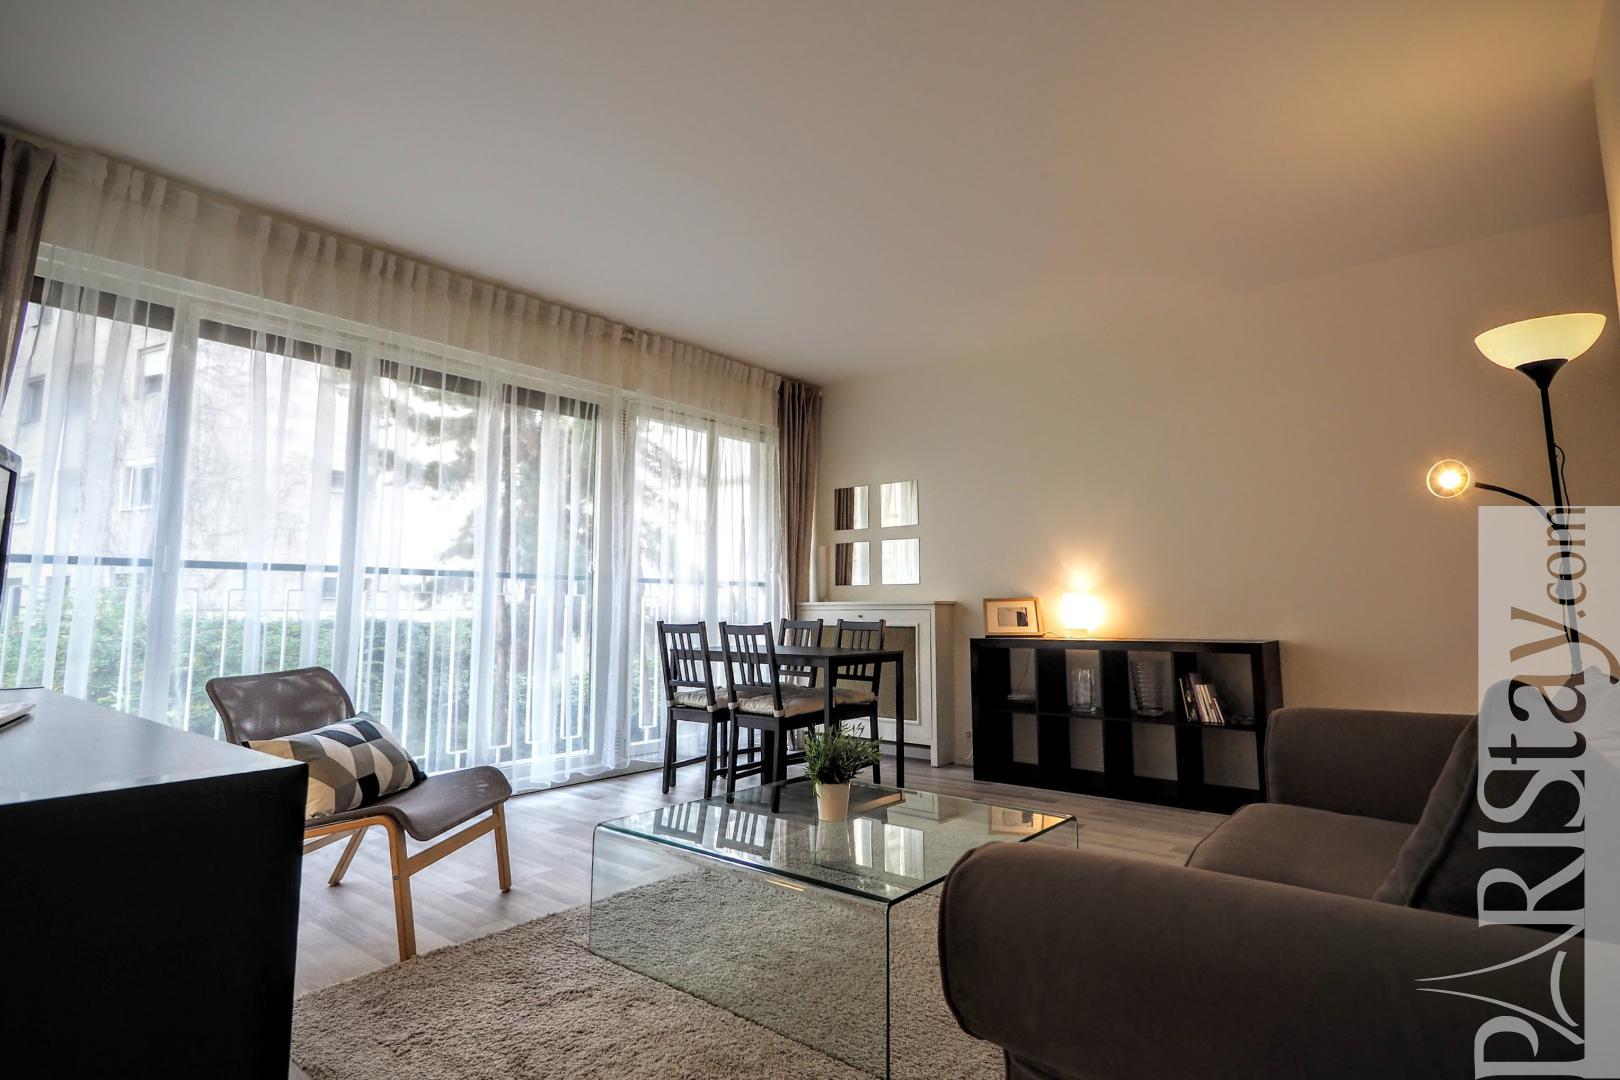 Location appartement t3 paris 2 chambres quartier wagram for Salon wagram